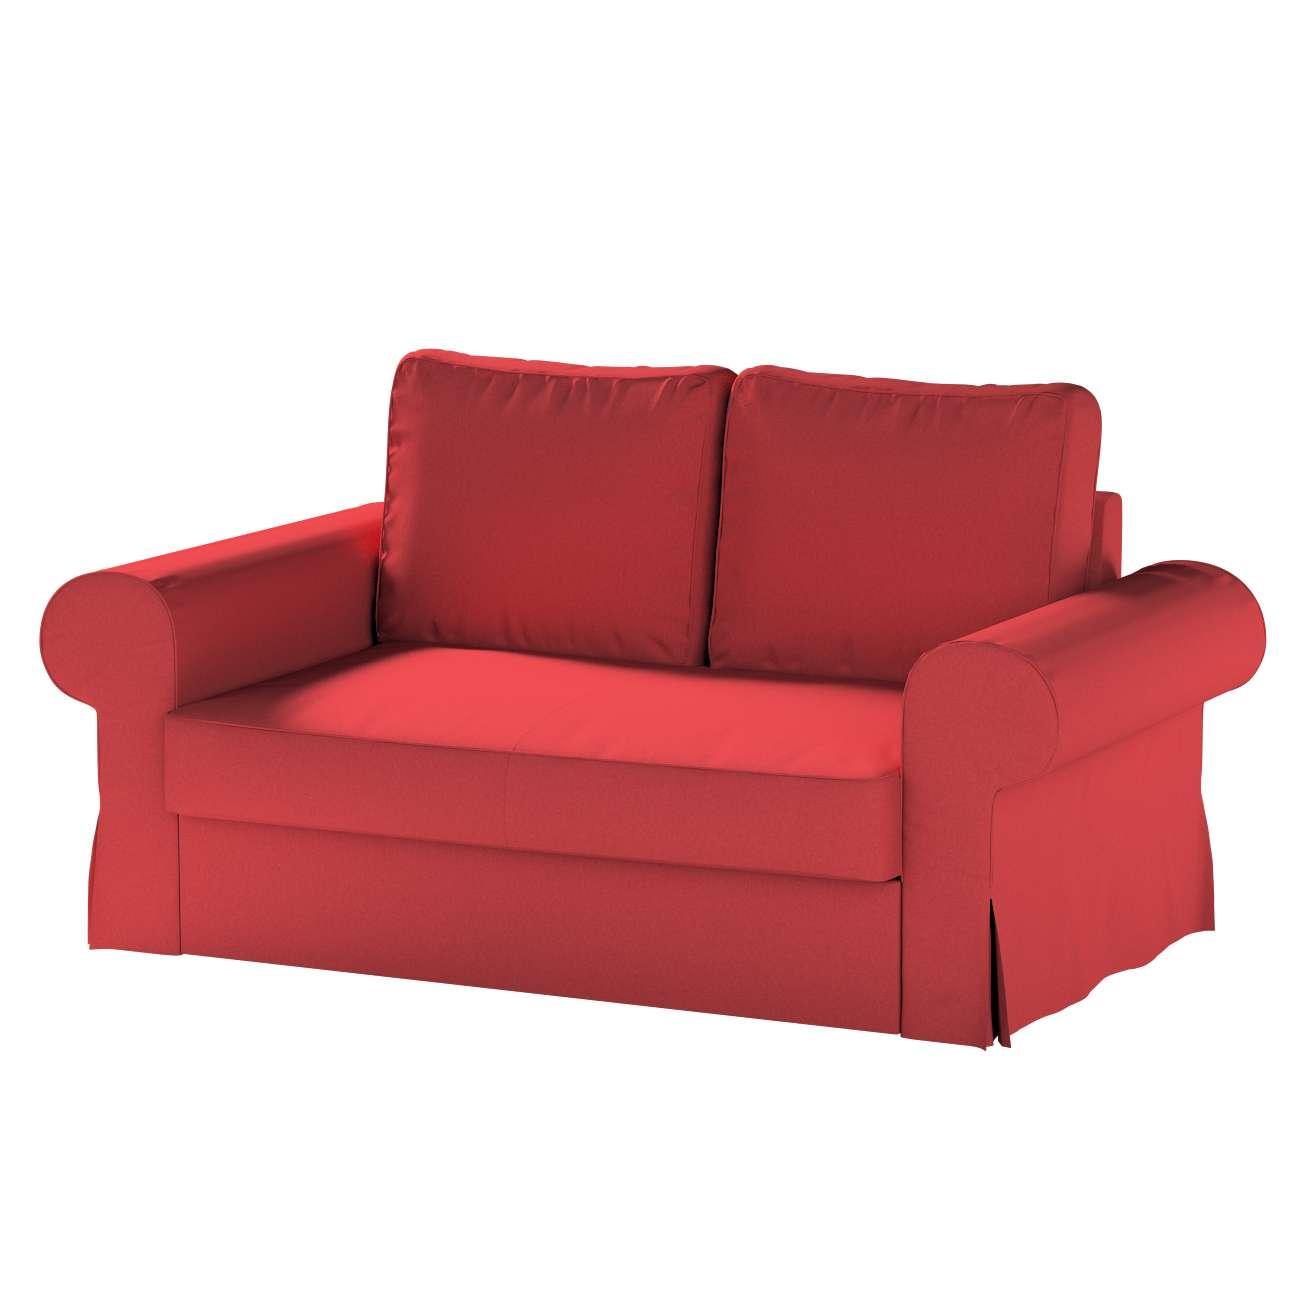 Pokrowiec na sofę Backabro 2-osobową rozkładaną w kolekcji Living, tkanina: 161-56